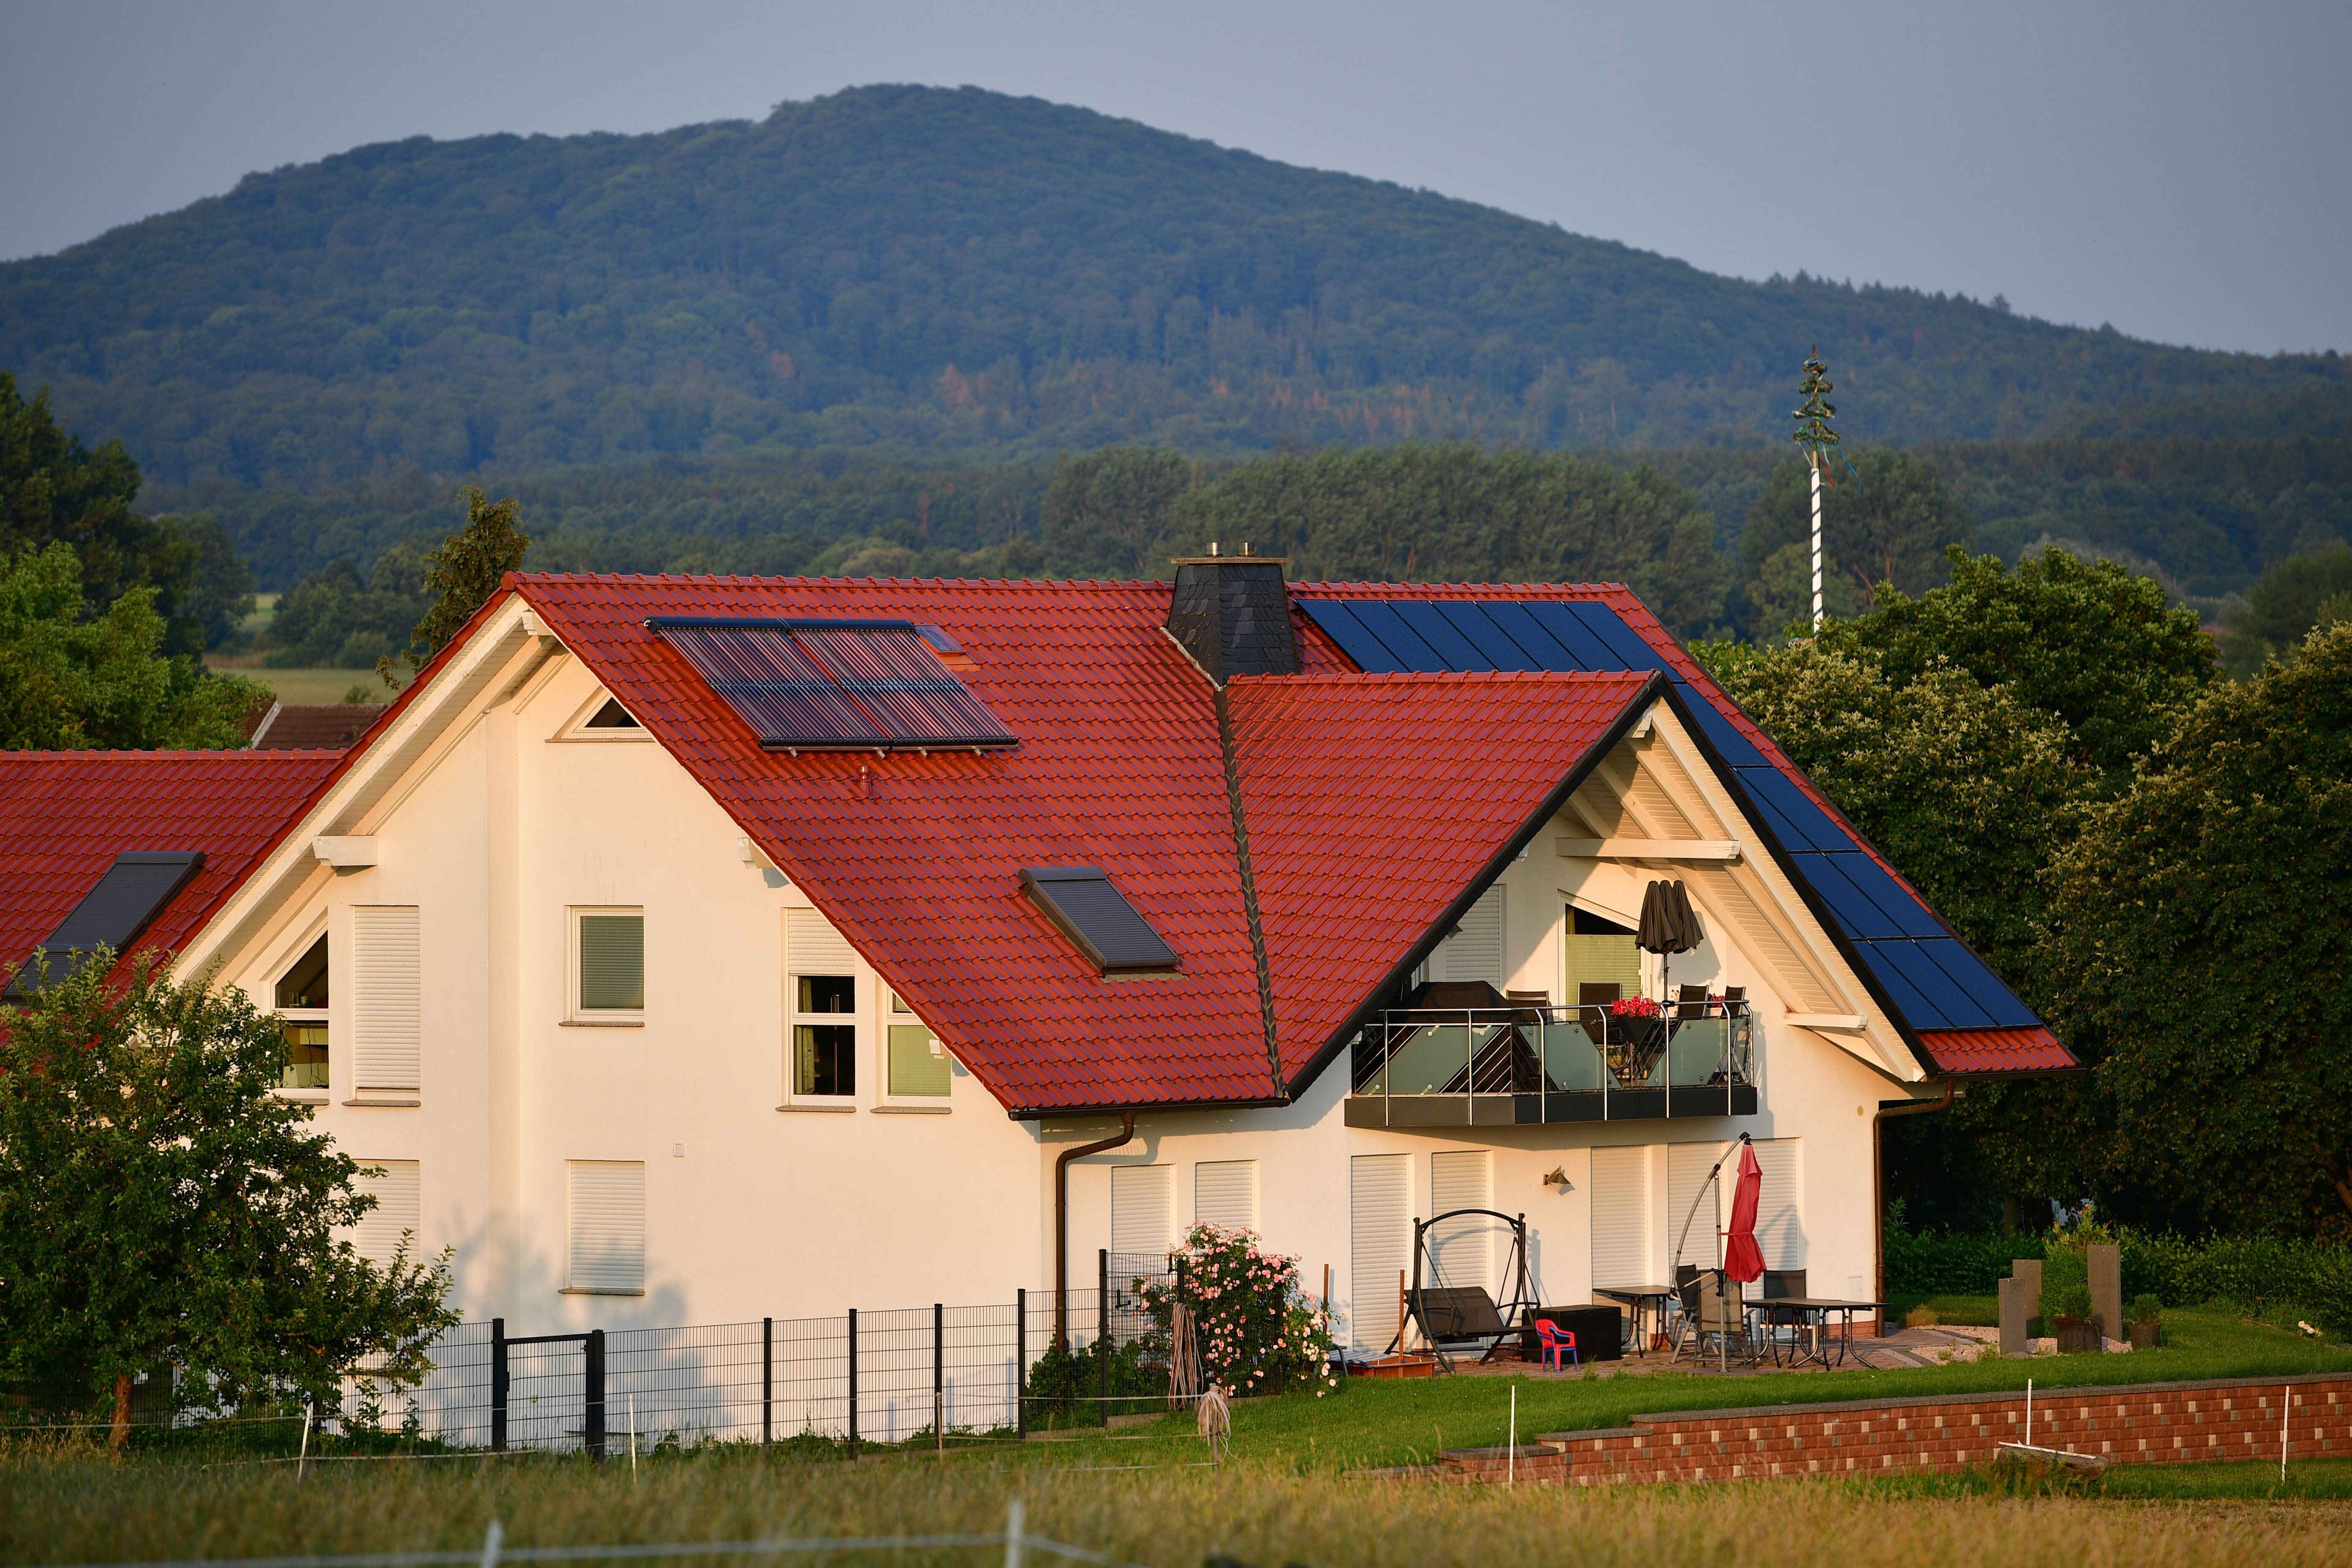 The residence of murdered German politician Walter Lübcke is seen on June 26, 2019, near Kassel, Germany.